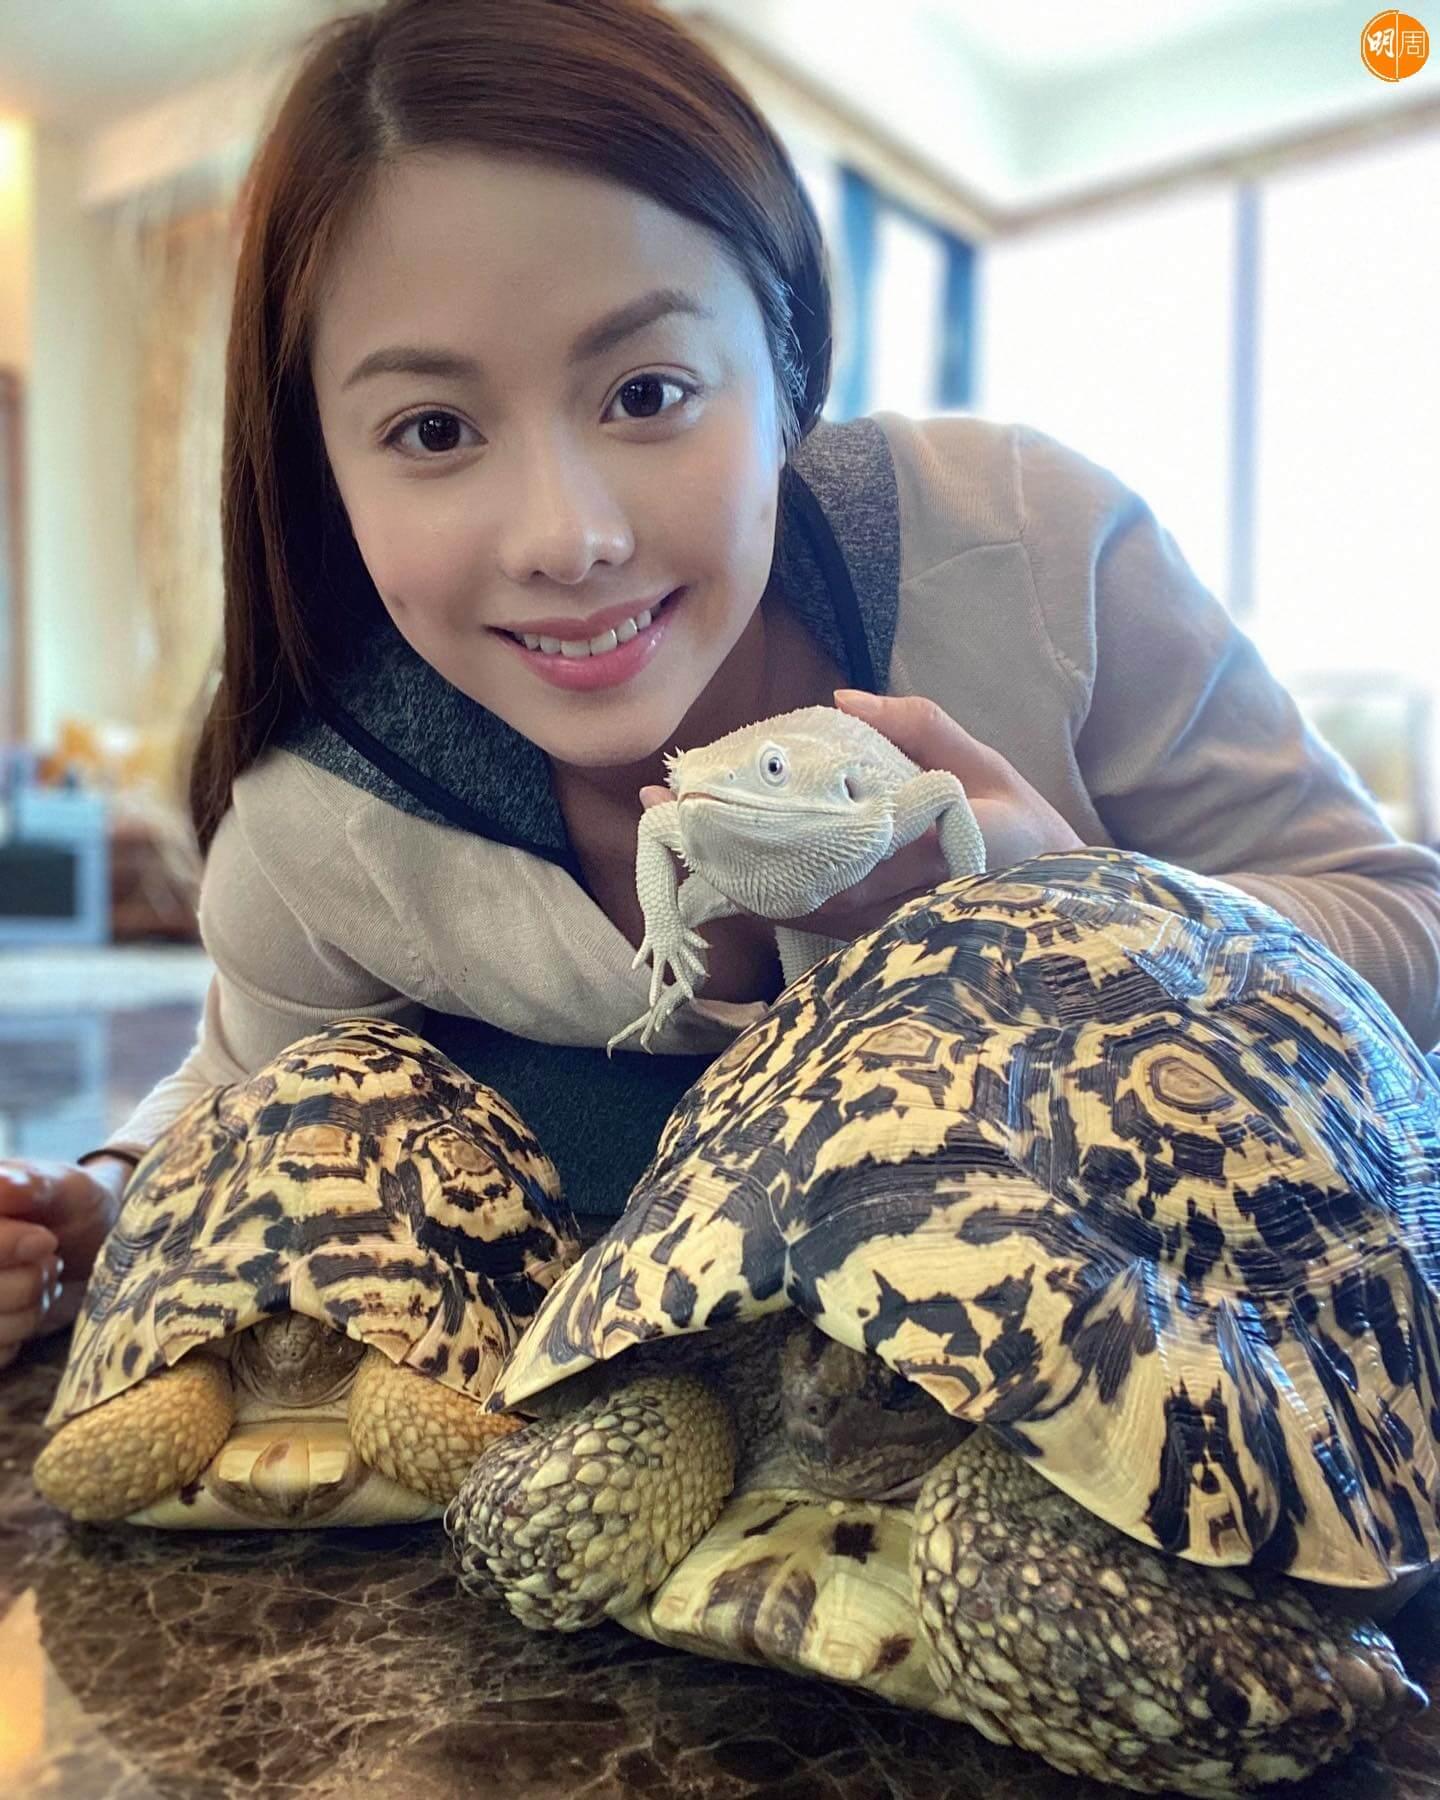 熱愛小動物的她曾飼養鸚鵡、蛇及蜥蜴等。